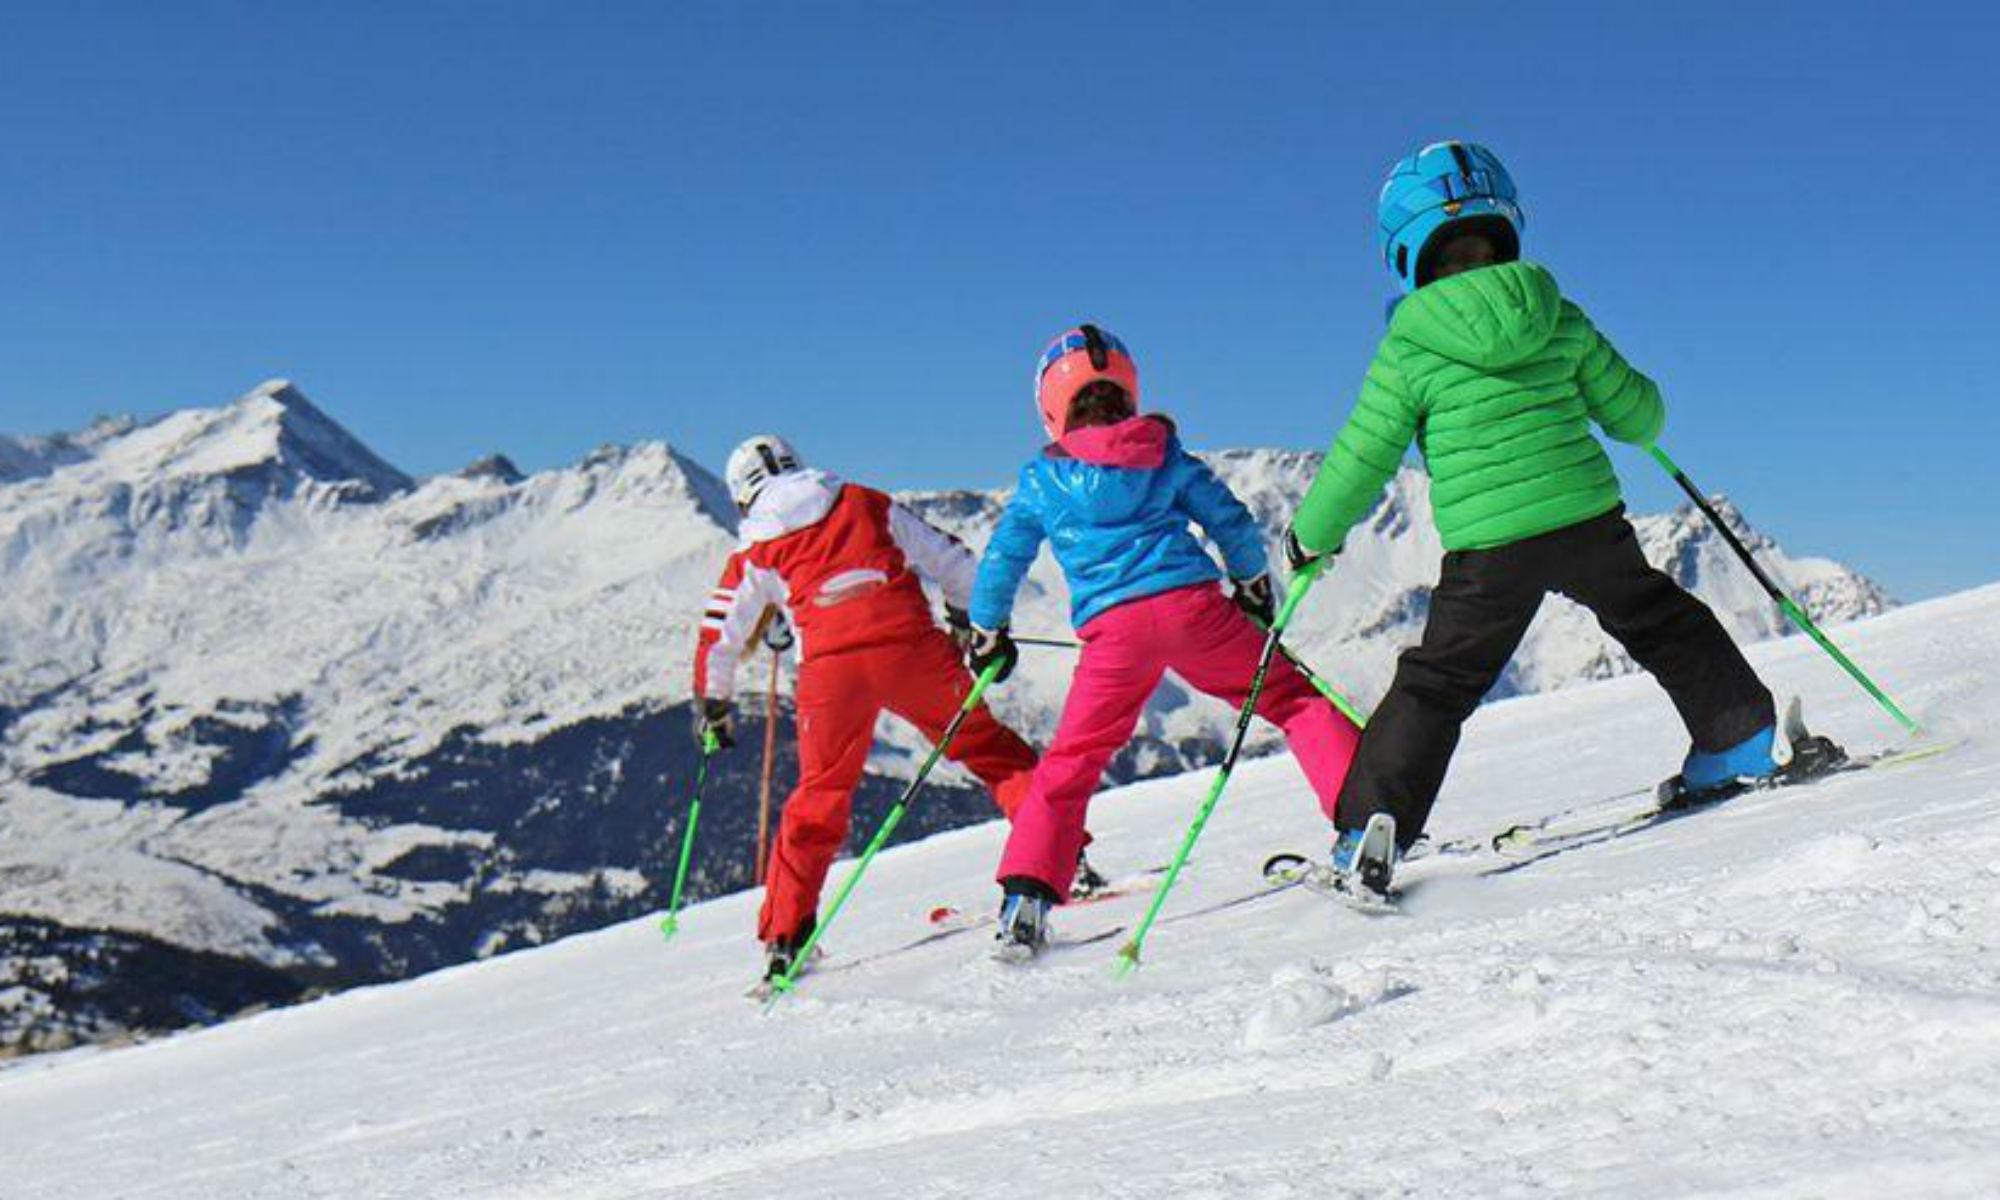 Ein Skilehrer übt mit 2 Kindern den Pflug im Skigebiet Nauders.